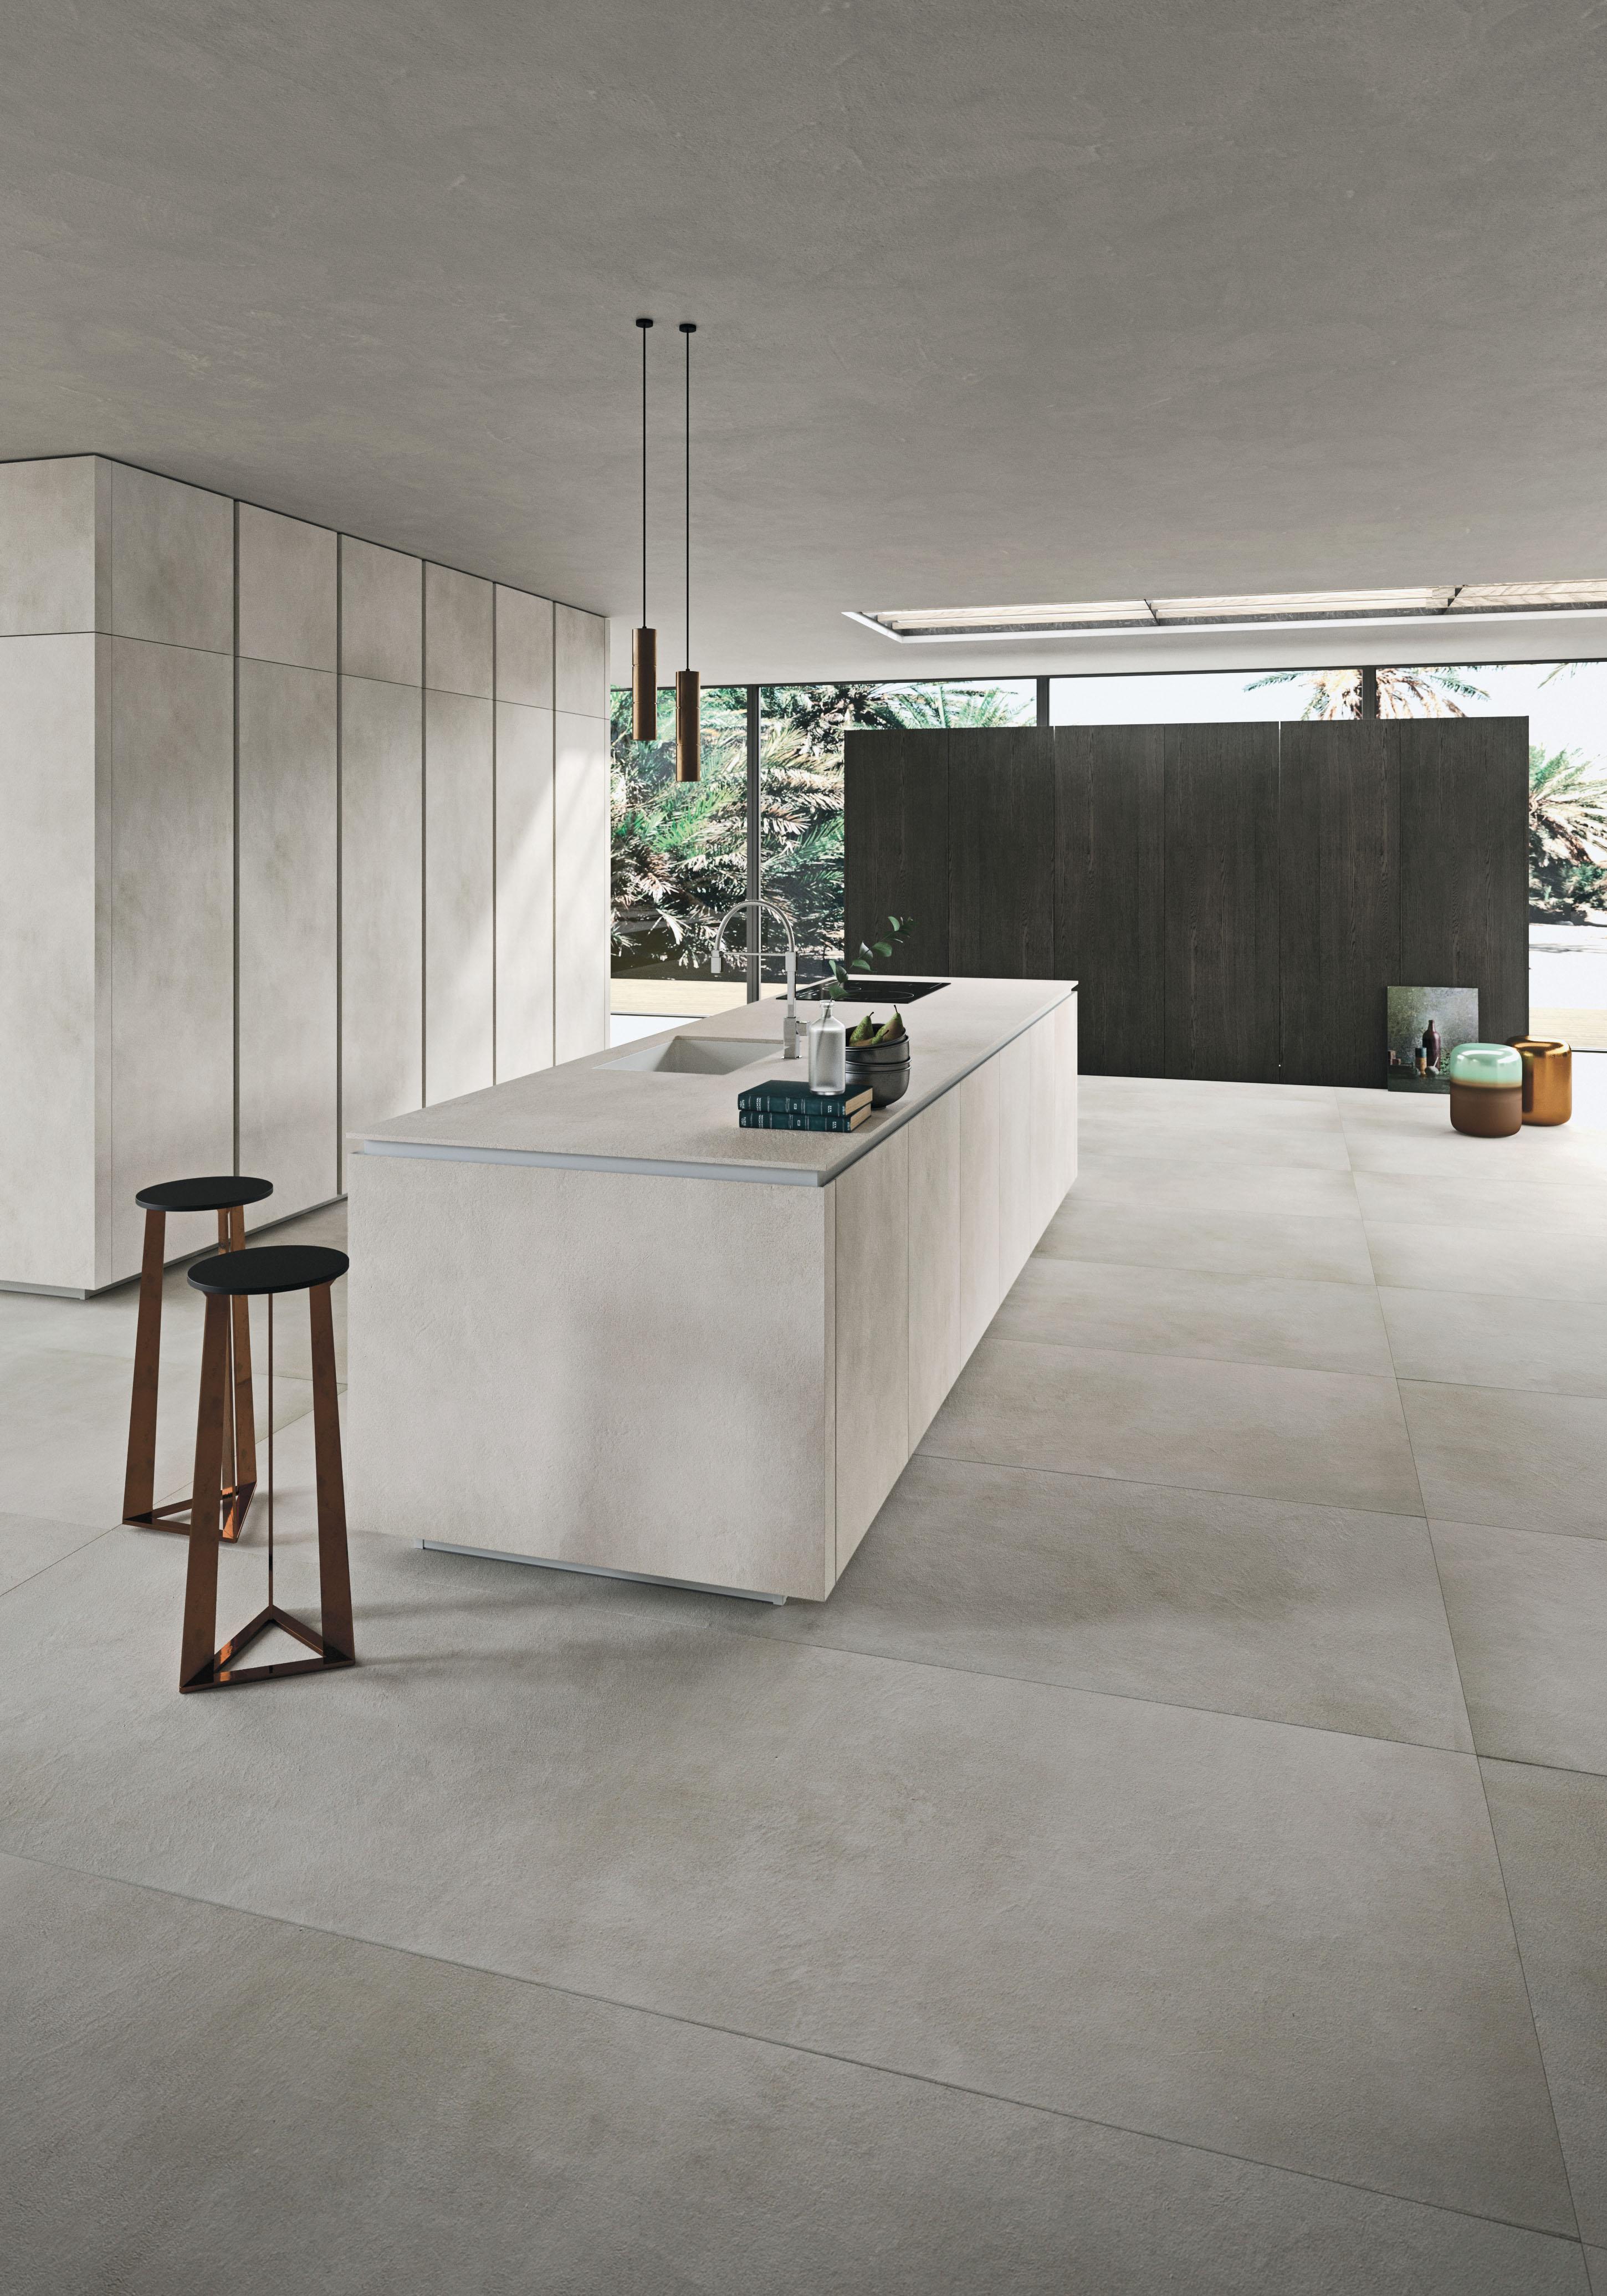 Blu Wom MILANO | #Snaidero#cucine#way#materia#design#ceramica#laminam